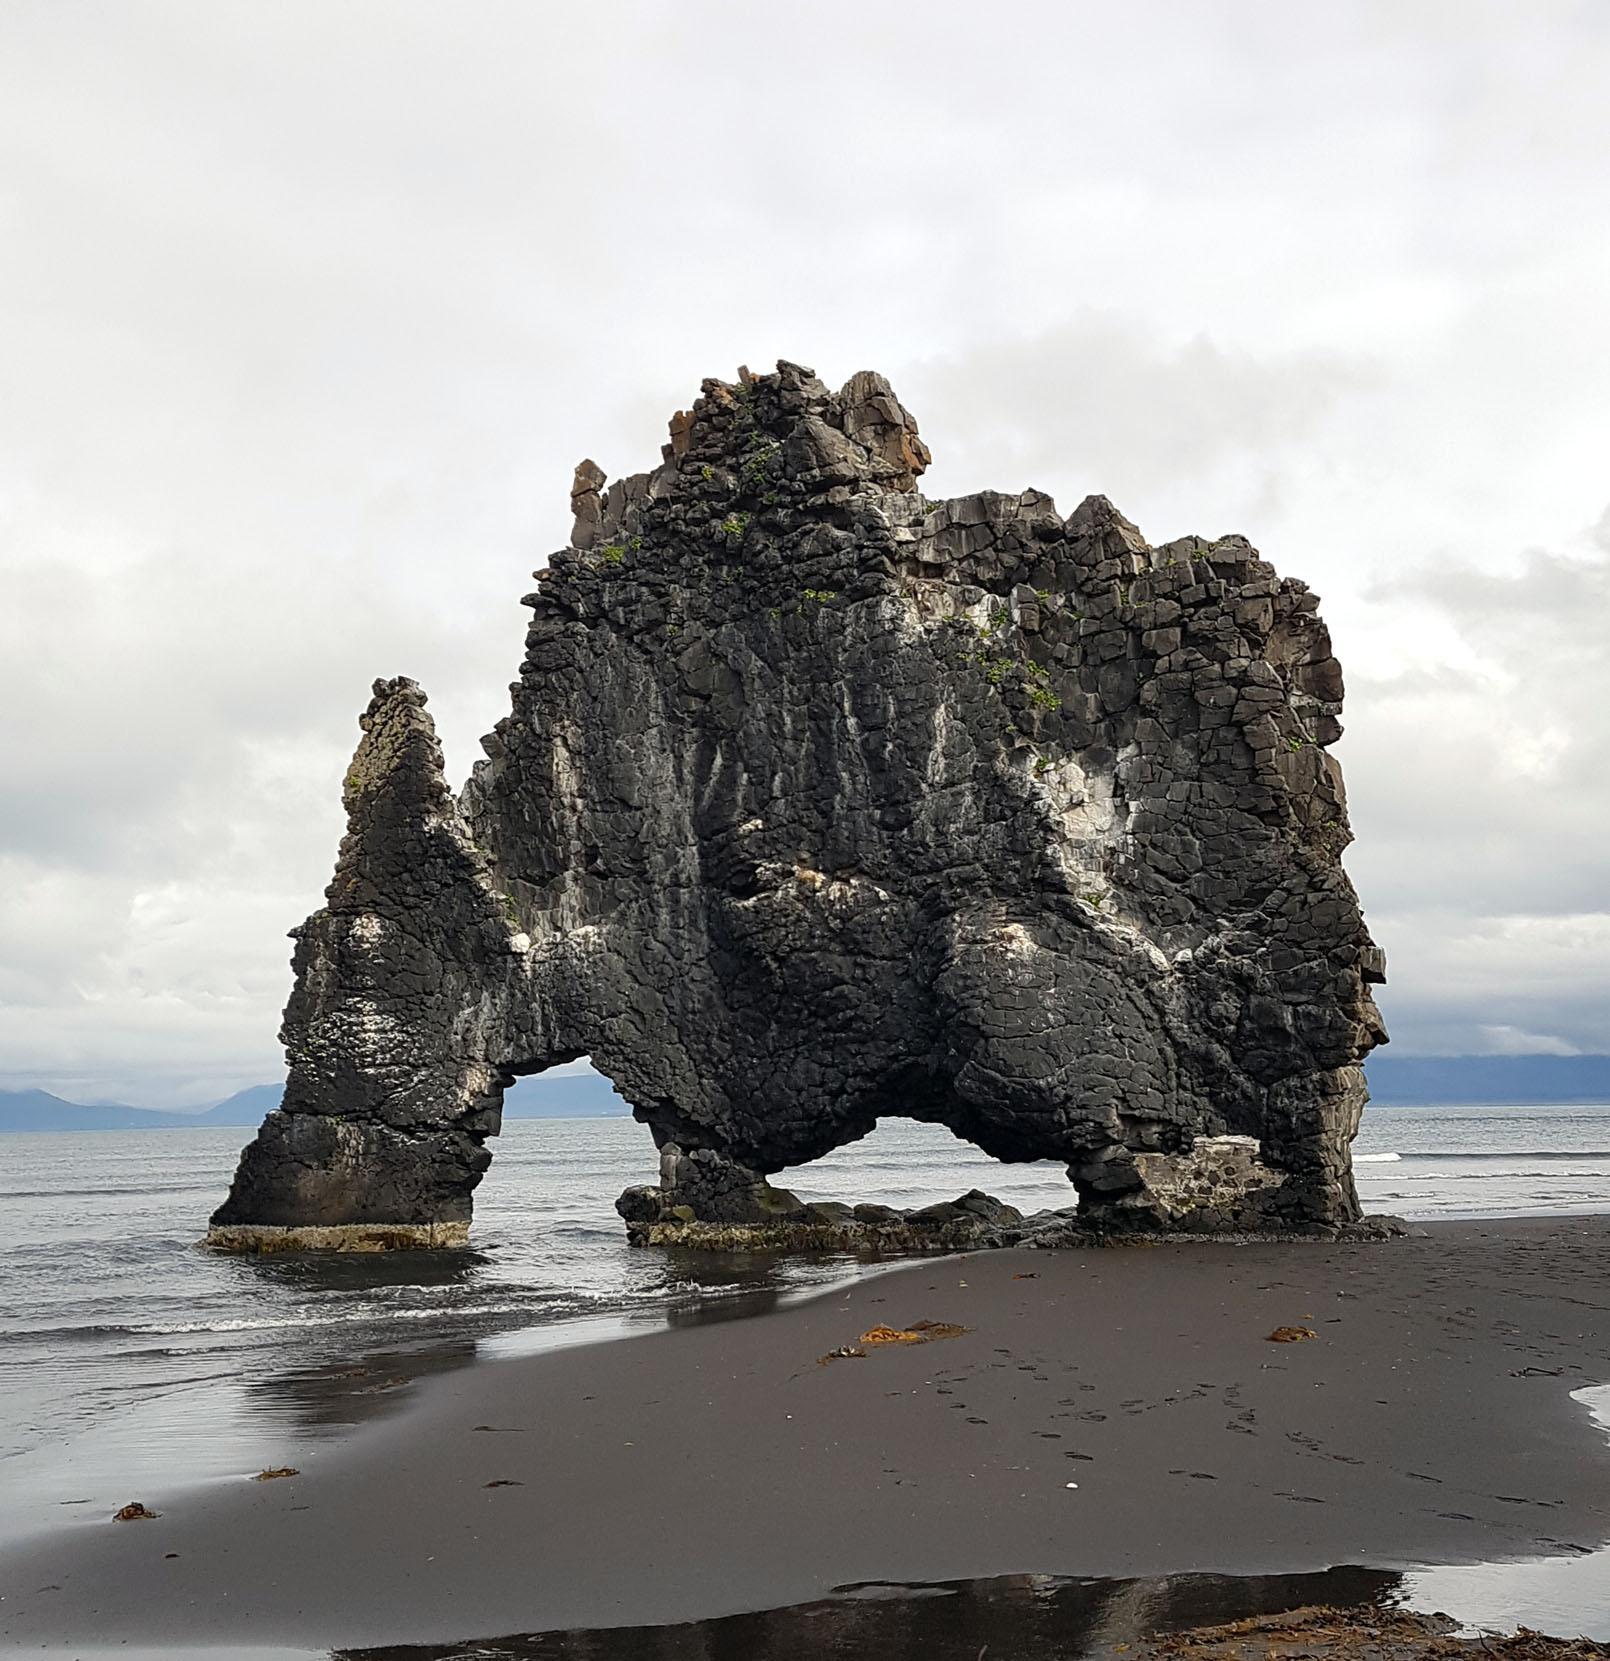 A la pointe de la péninsule, ce bloc de basalte de quinze mètres de hauteur découpé par l'érosion semble sortit de nulle part...